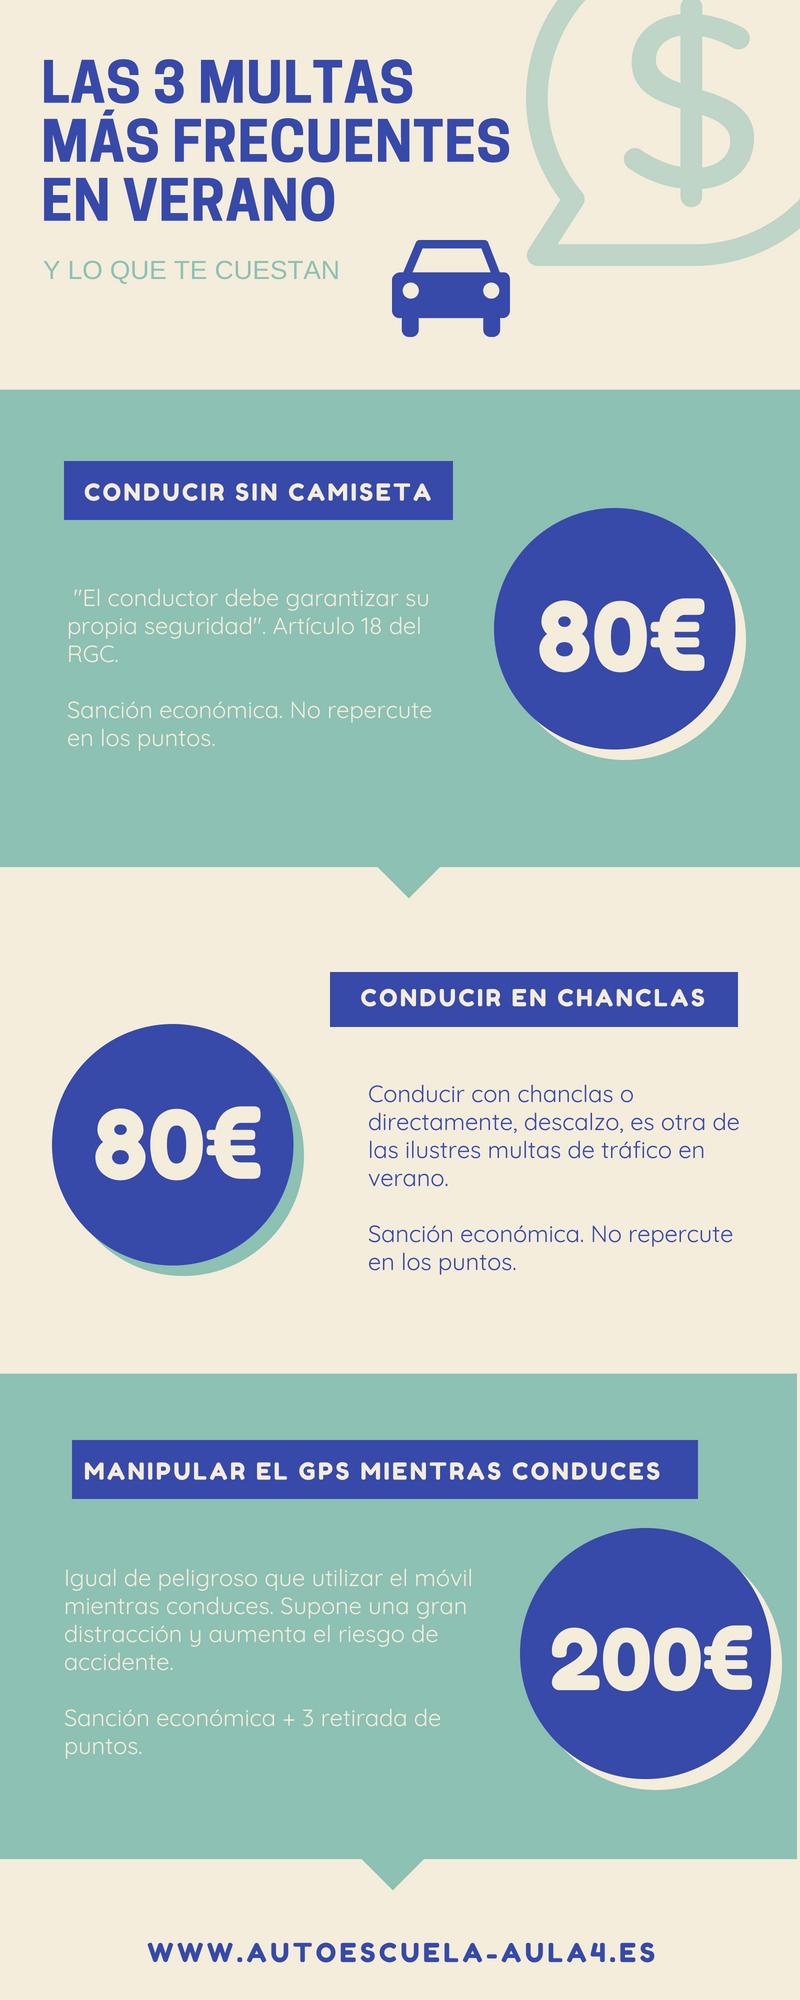 infografía a modo de resumen de las multas típicas en verano